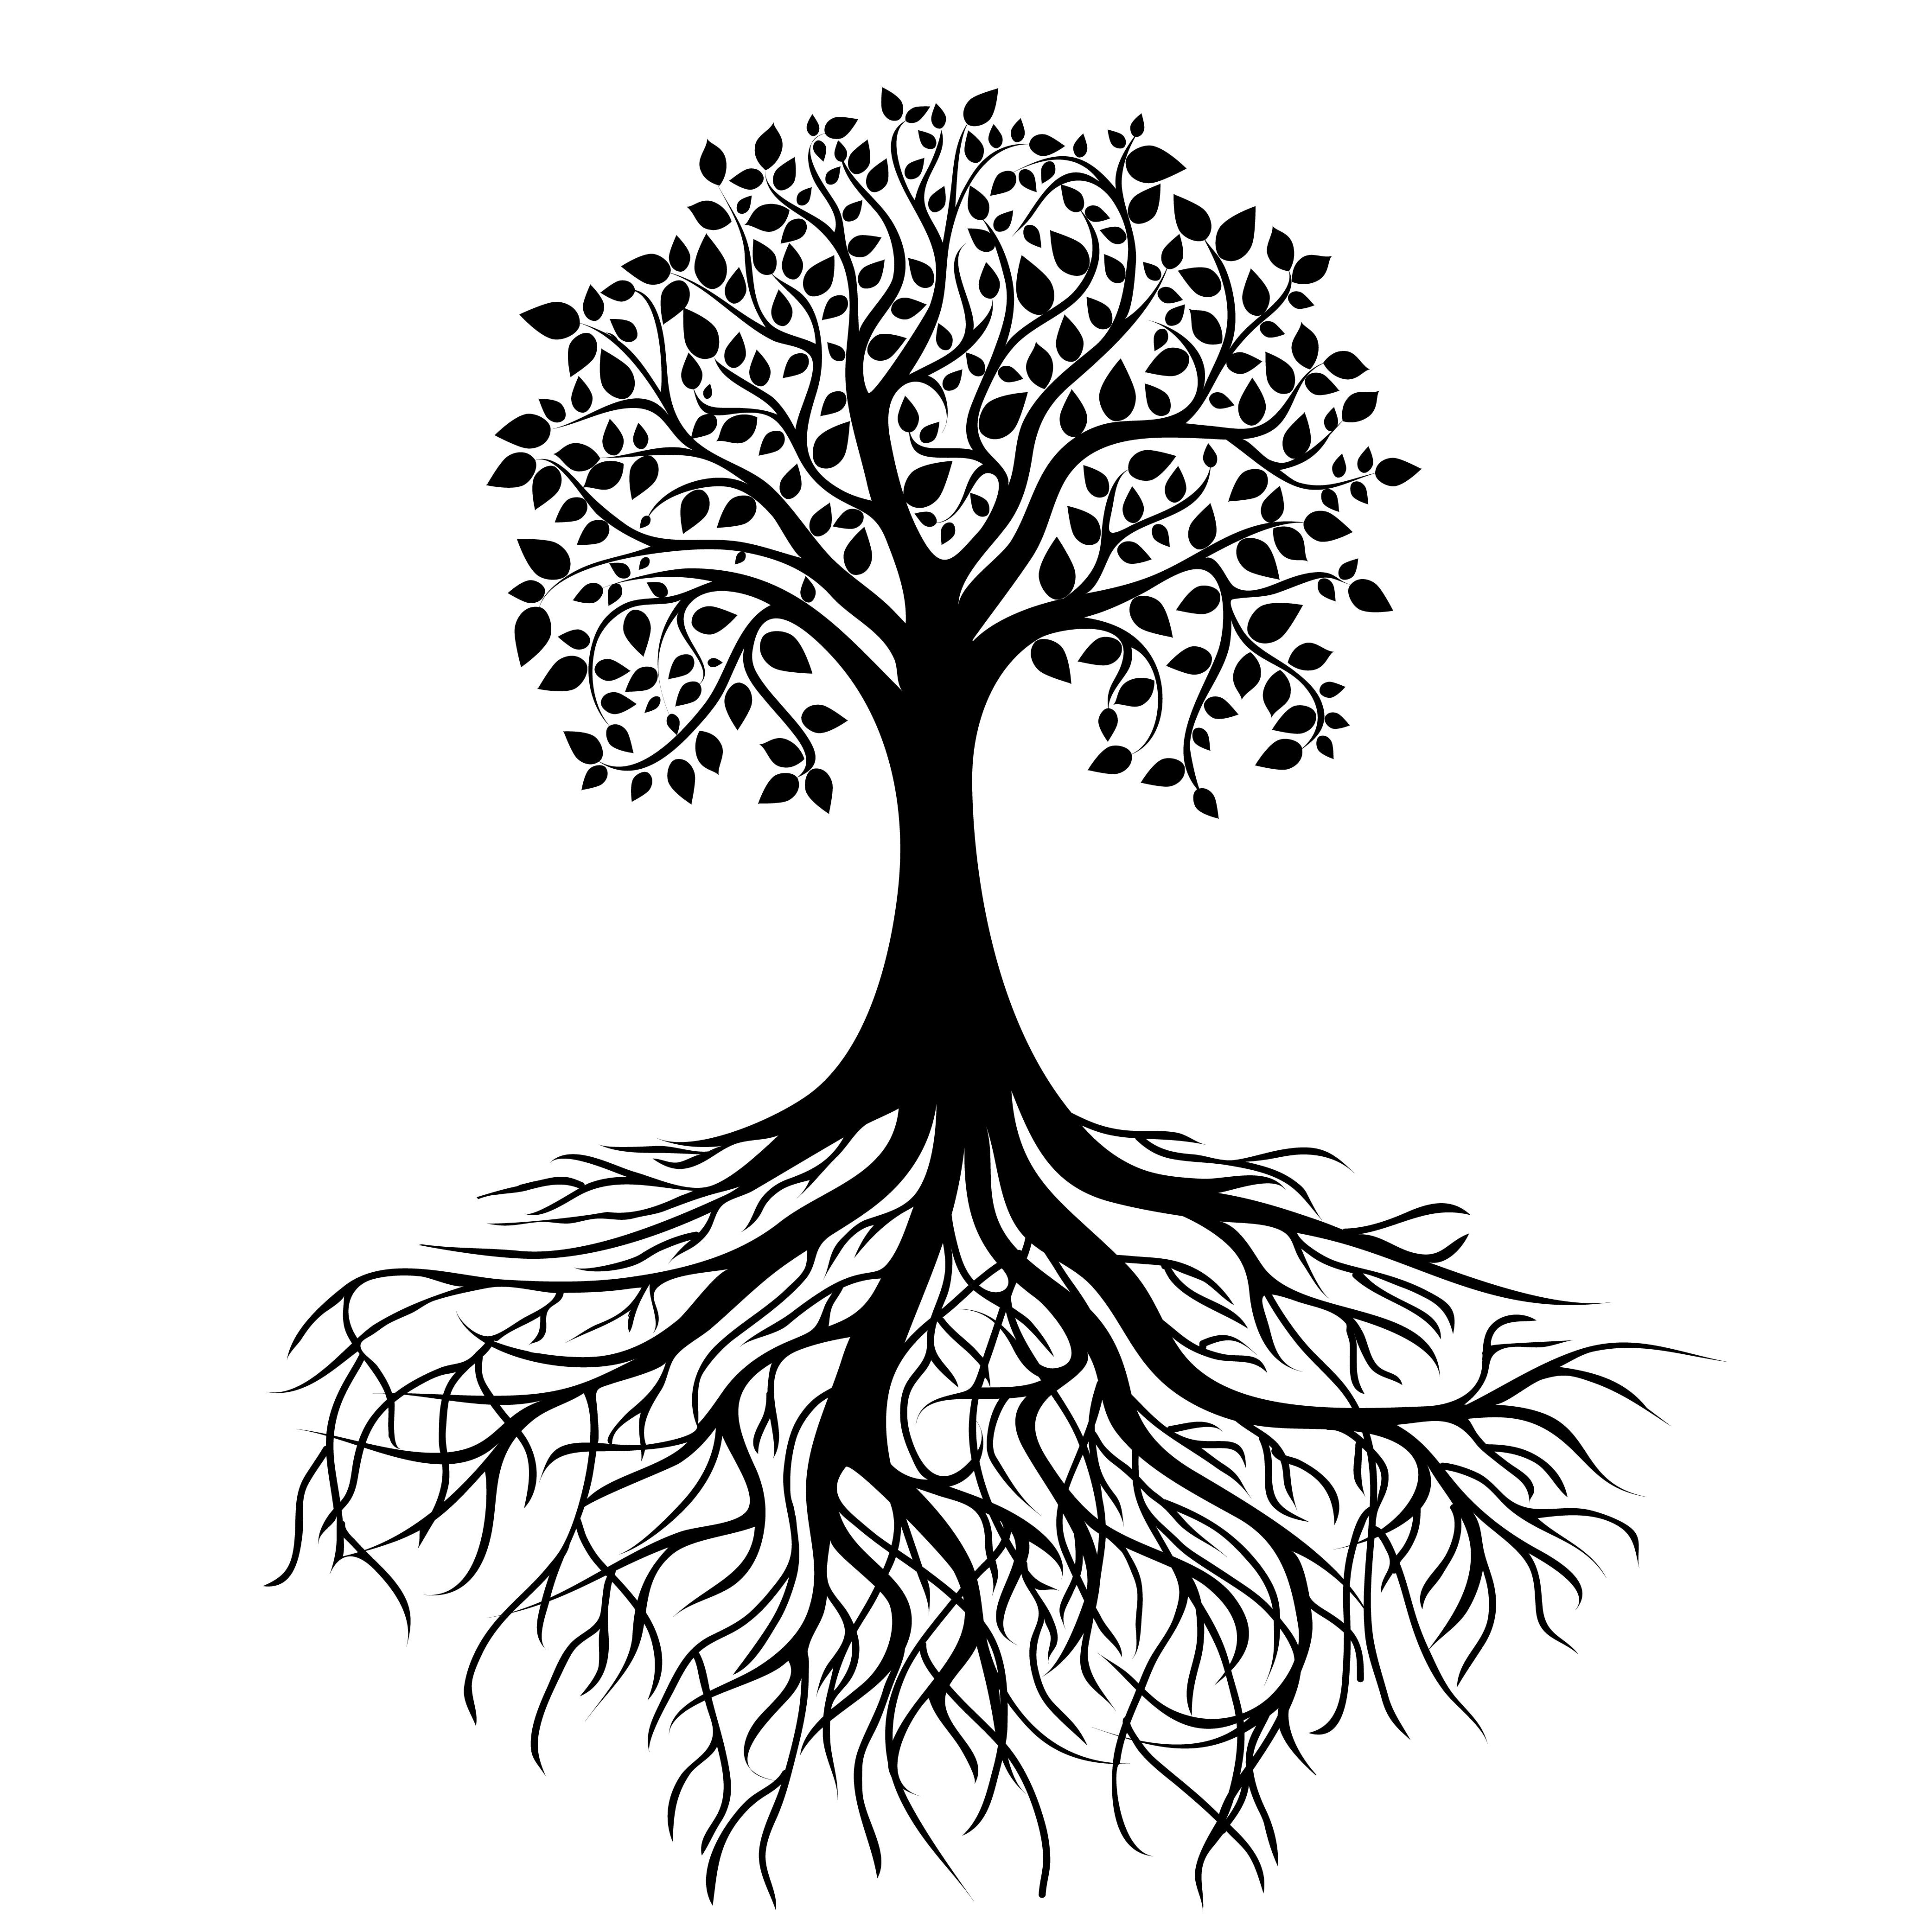 Oak Tree Line Drawing - ClipArt Best